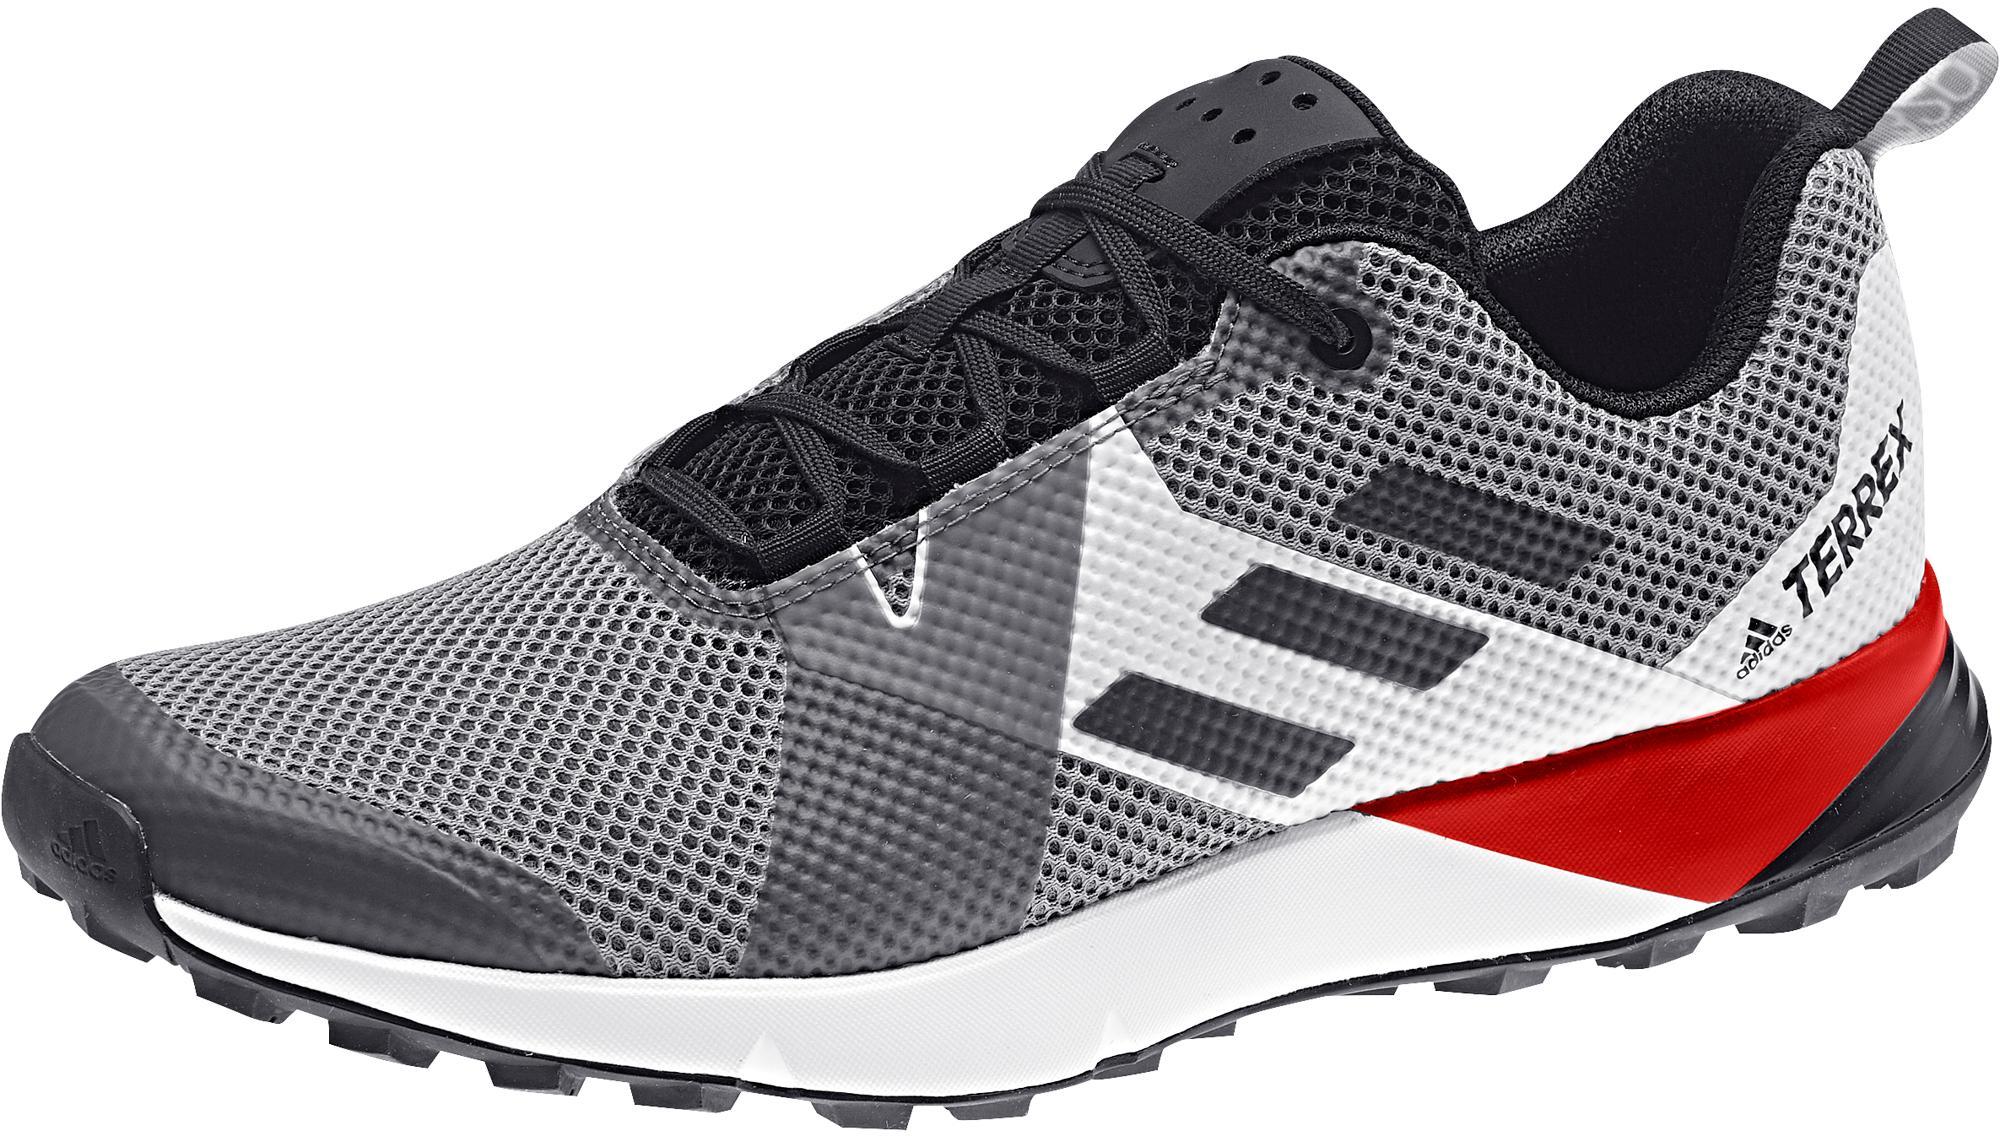 Kaufen Schuhe Grey Three Im Sportscheck Herren Von Trailrunning 0knwOPX8